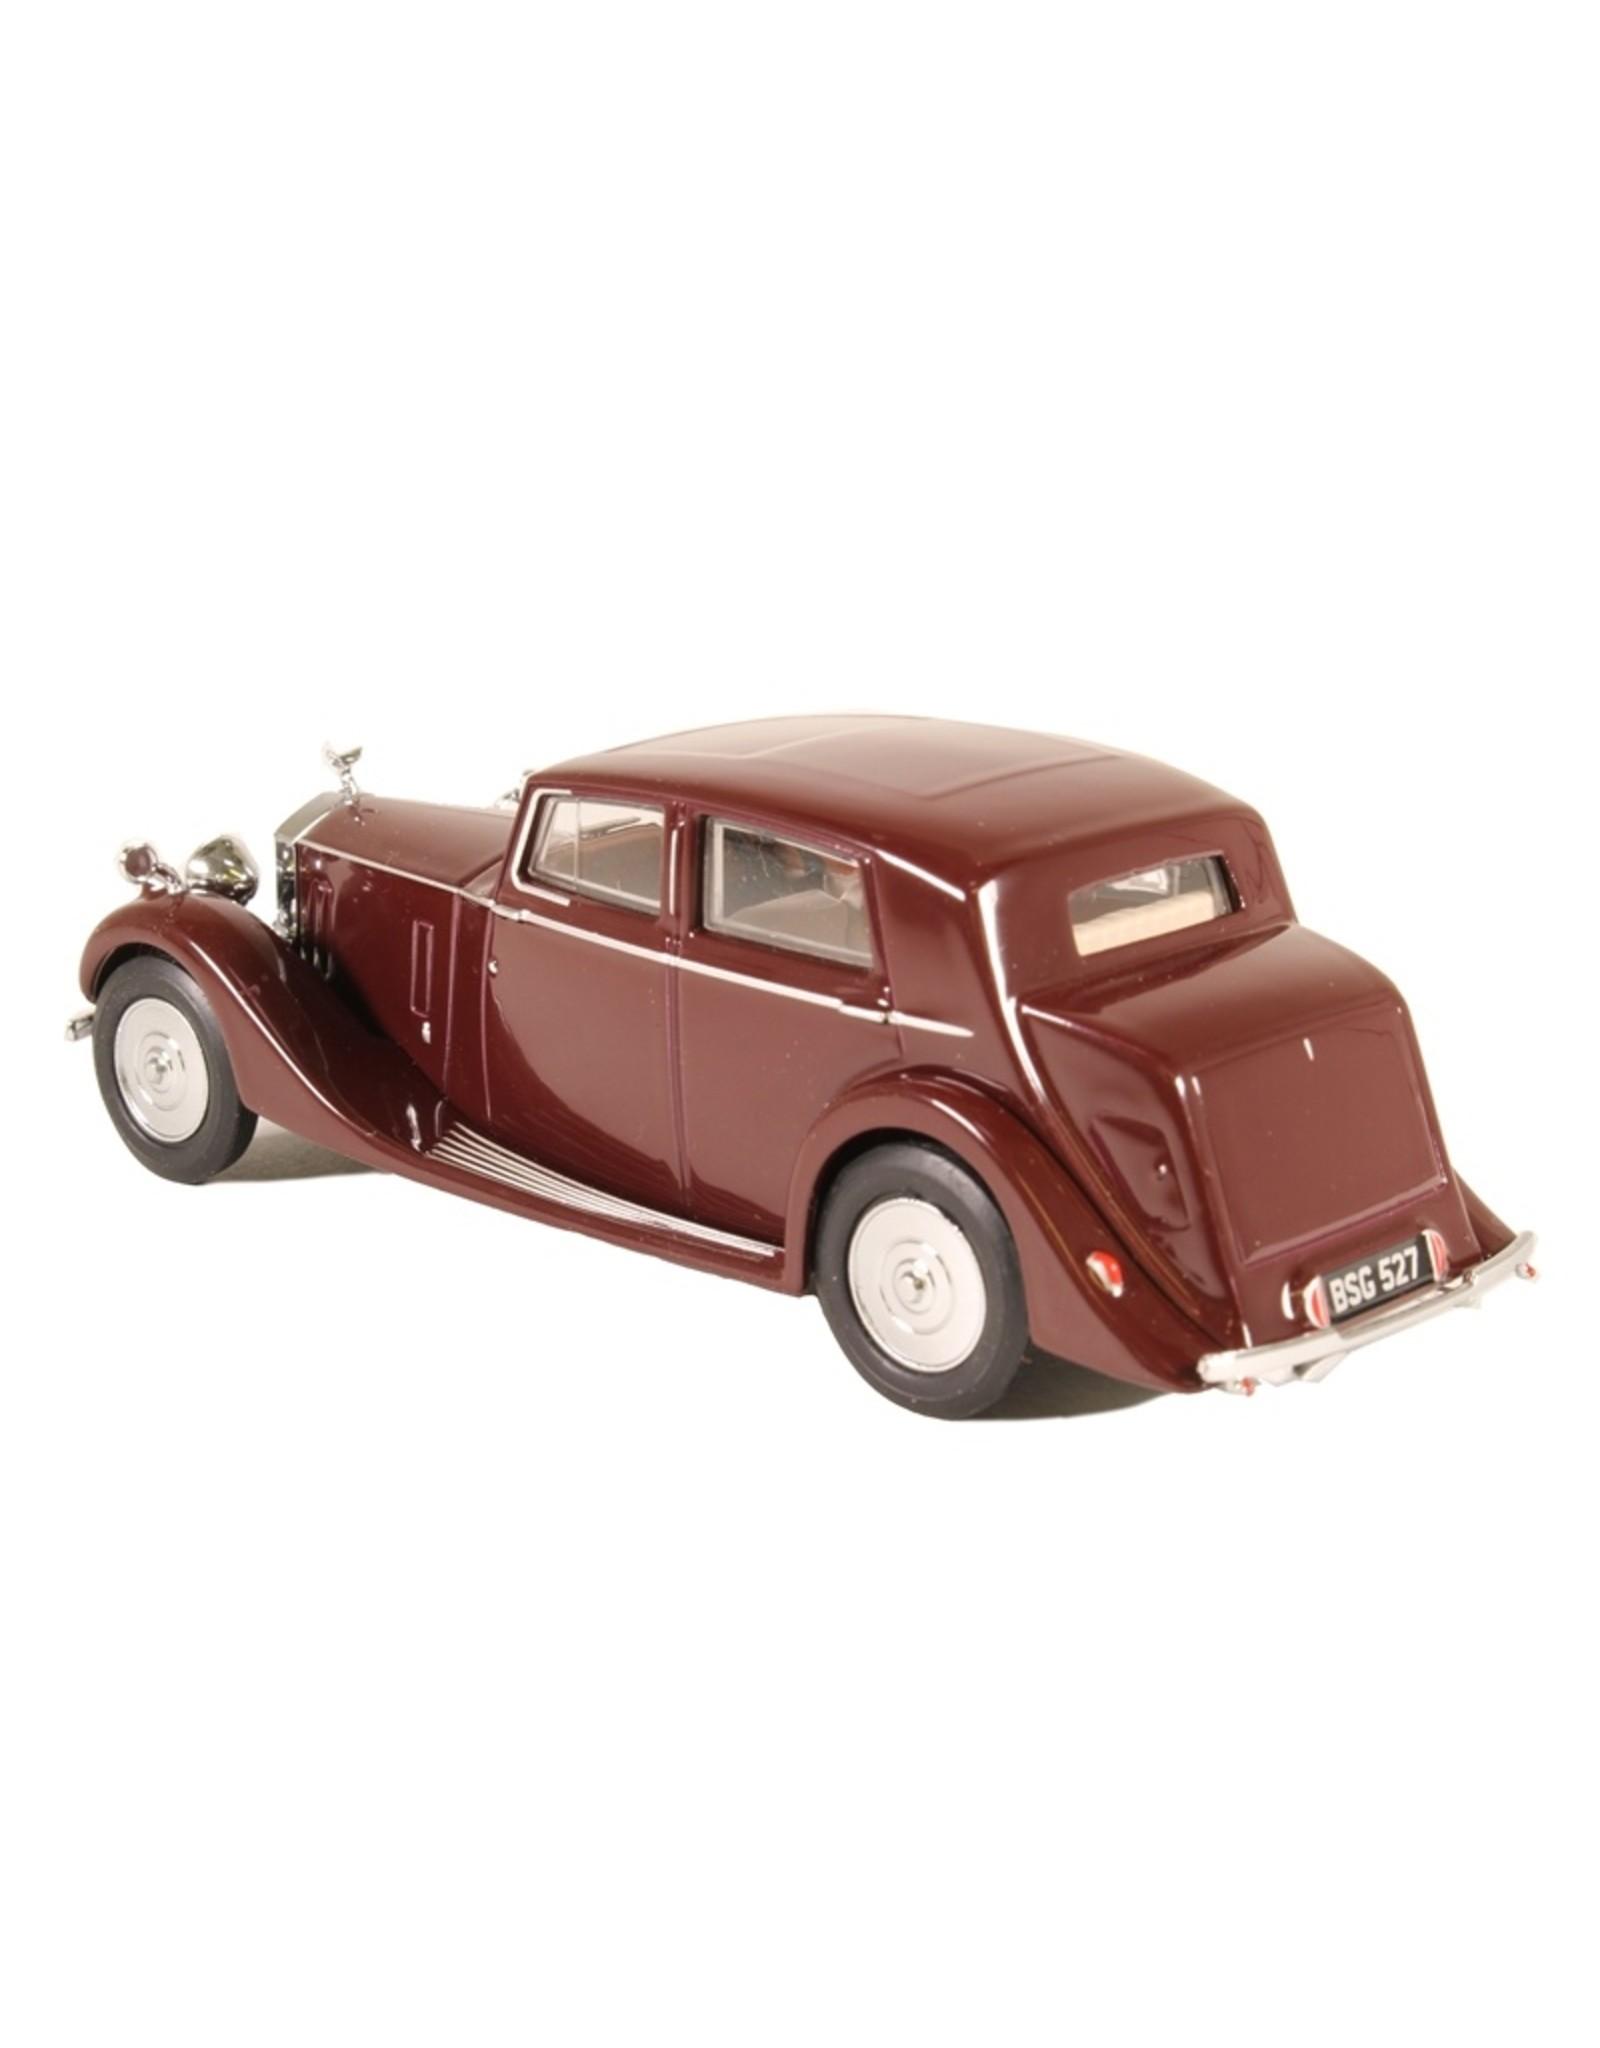 Rolls-Royce Rolls-Royce 25/30 Thrupp & Maberley - 1:43 - Oxford